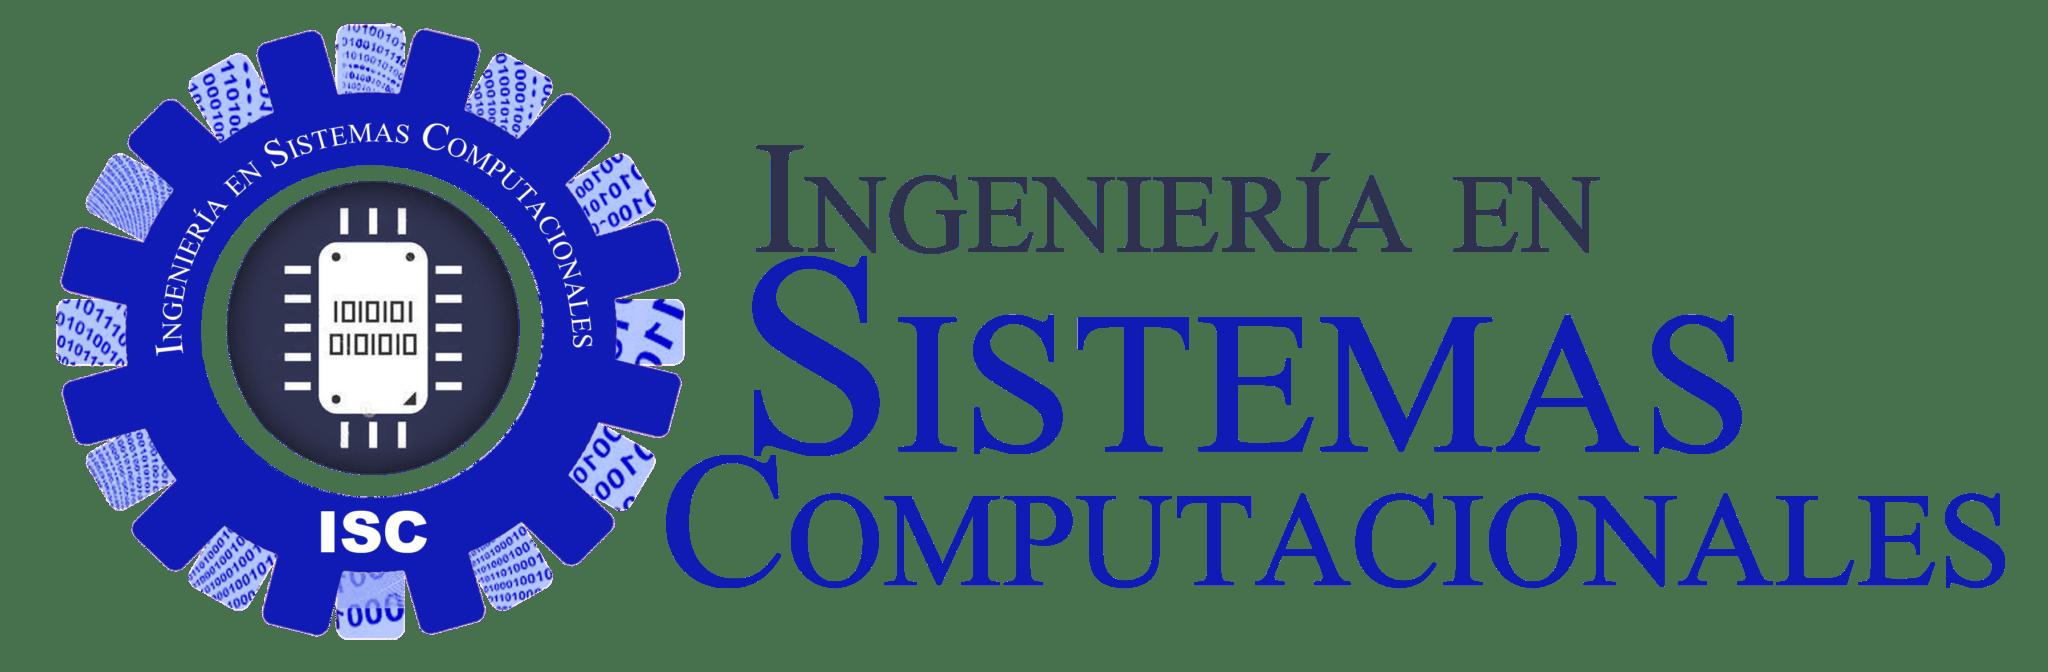 Heading Ing sistemas